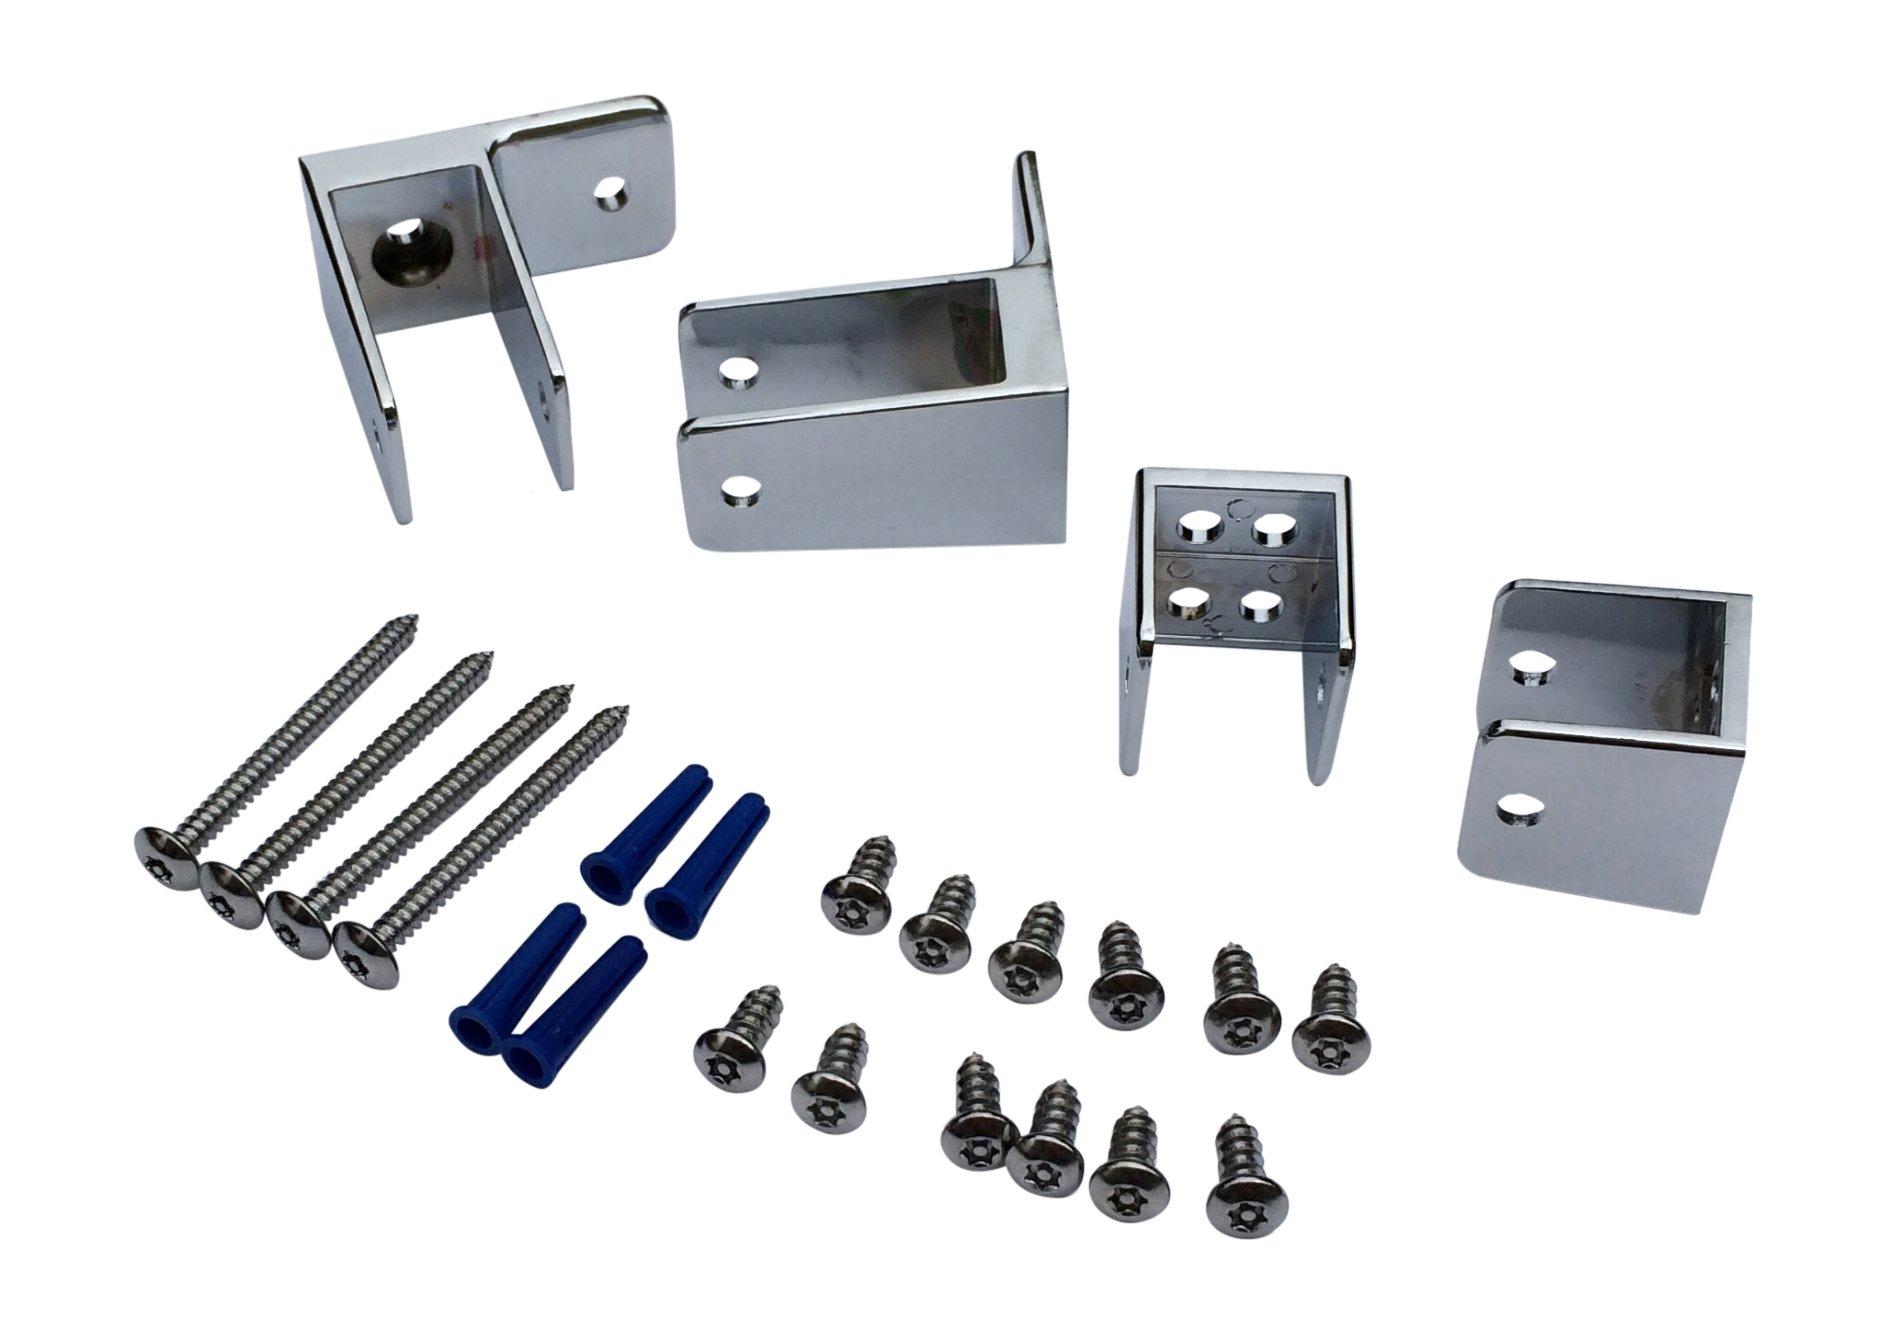 Sanymetal 15520 End Panel Bracket Kit